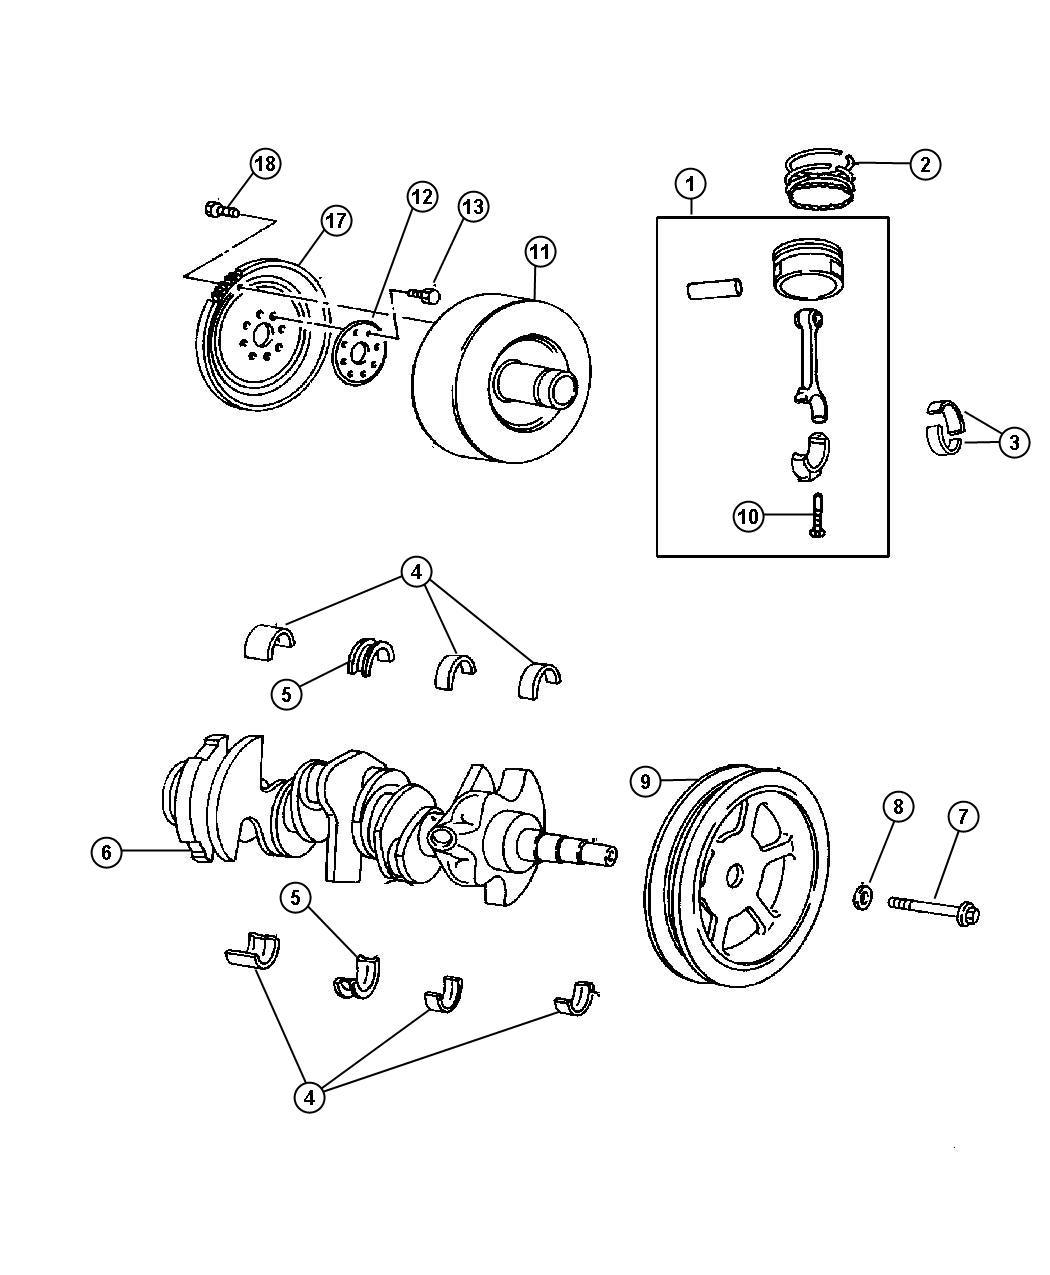 Chrysler Pacifica Crankshaft Engine Ohv Pistons